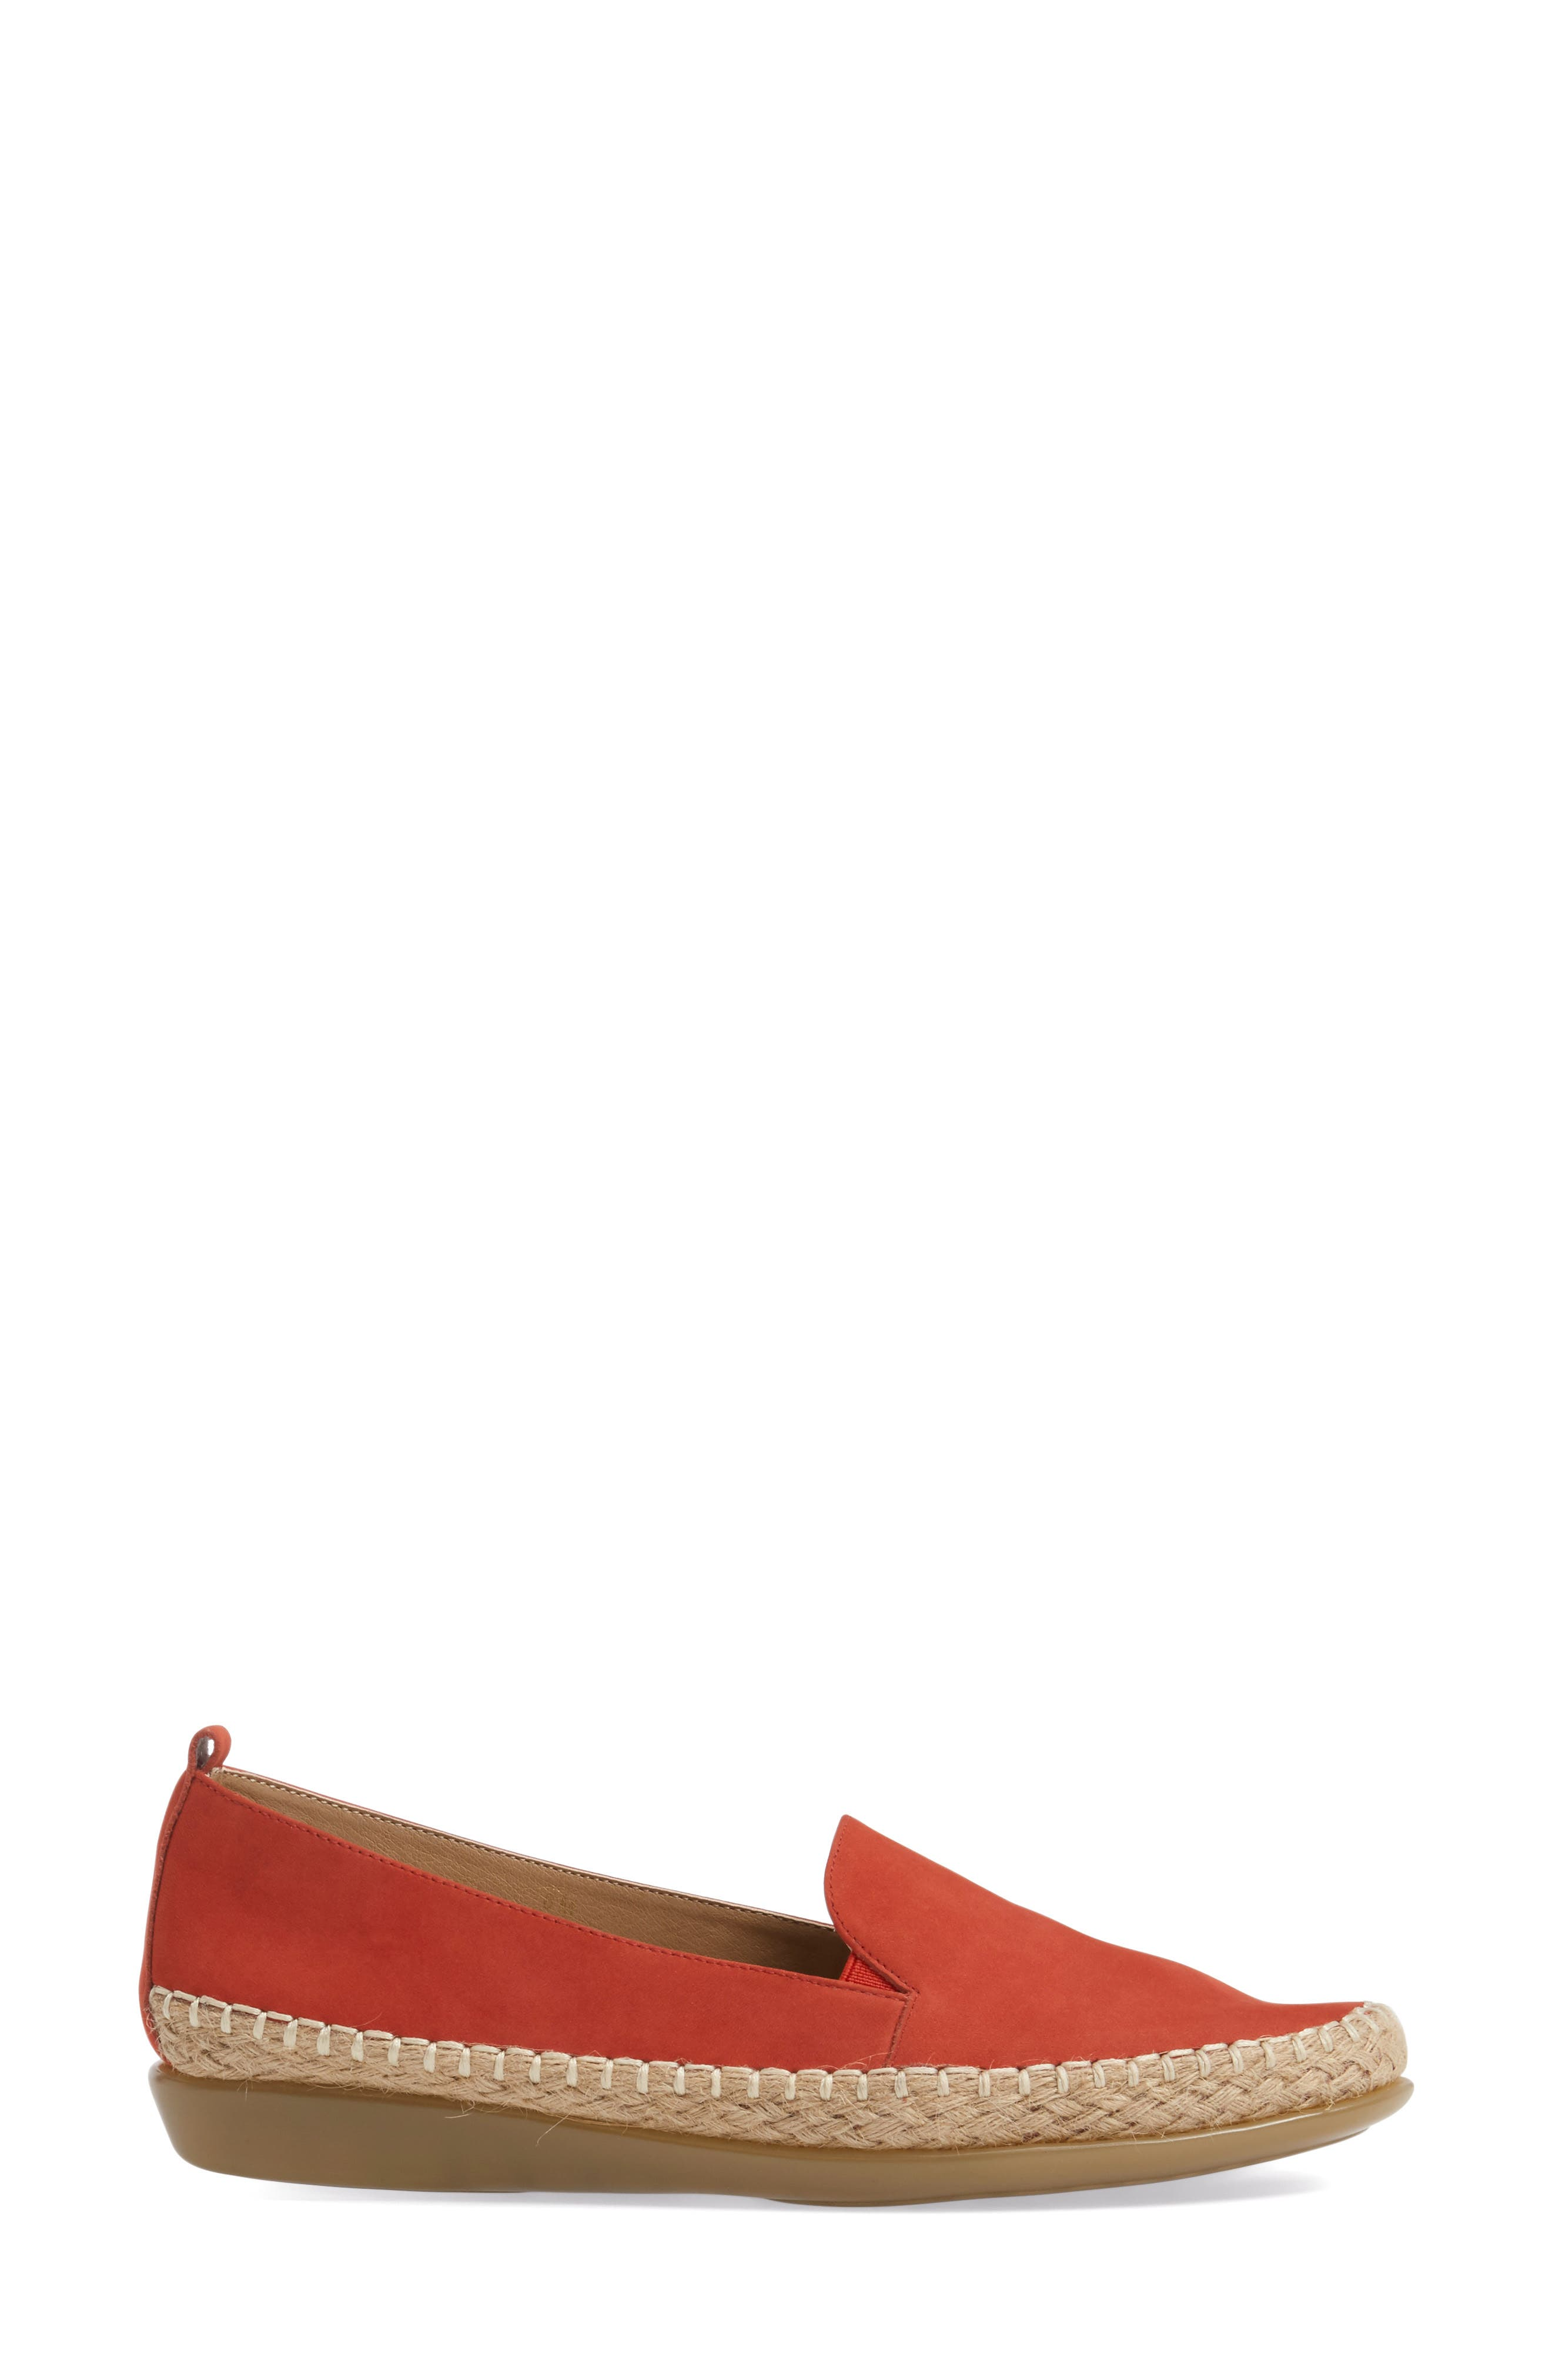 Nadette Espadrille Loafer Flat,                             Alternate thumbnail 12, color,